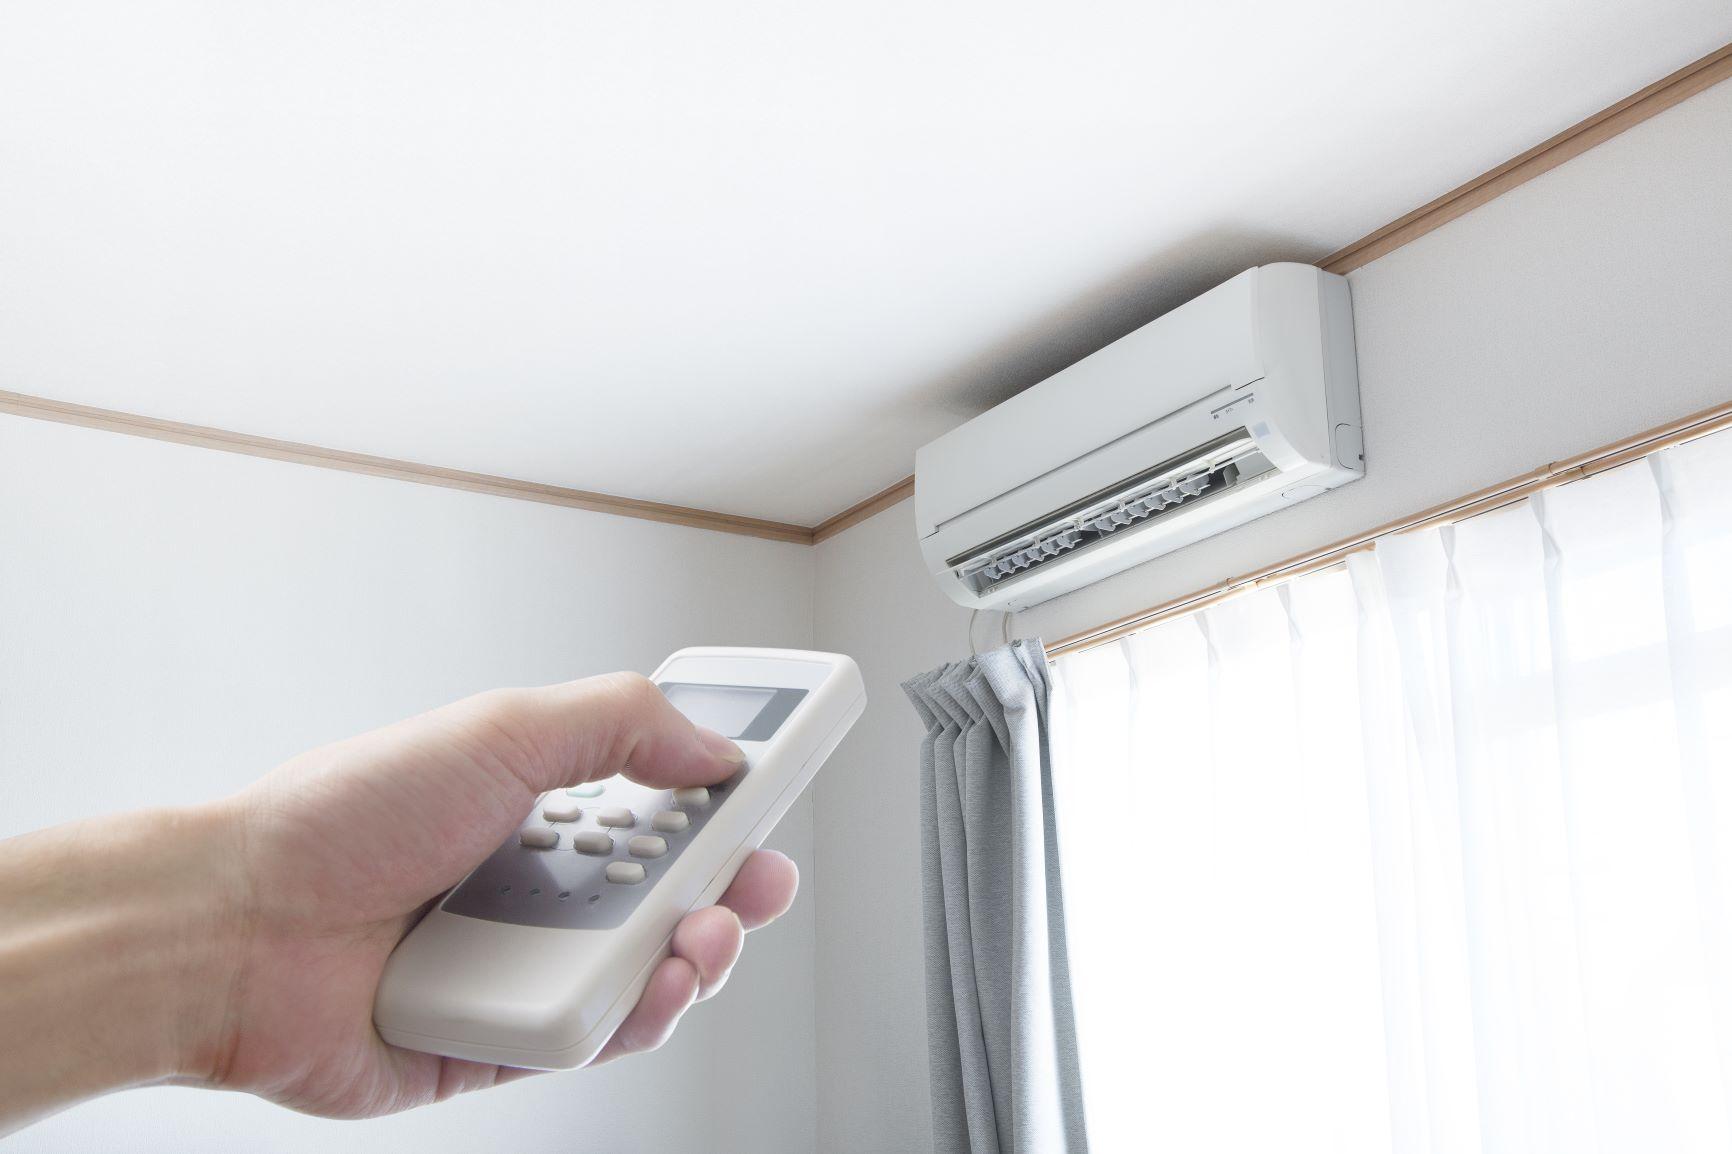 Posso usar transformador no ar-condicionado?